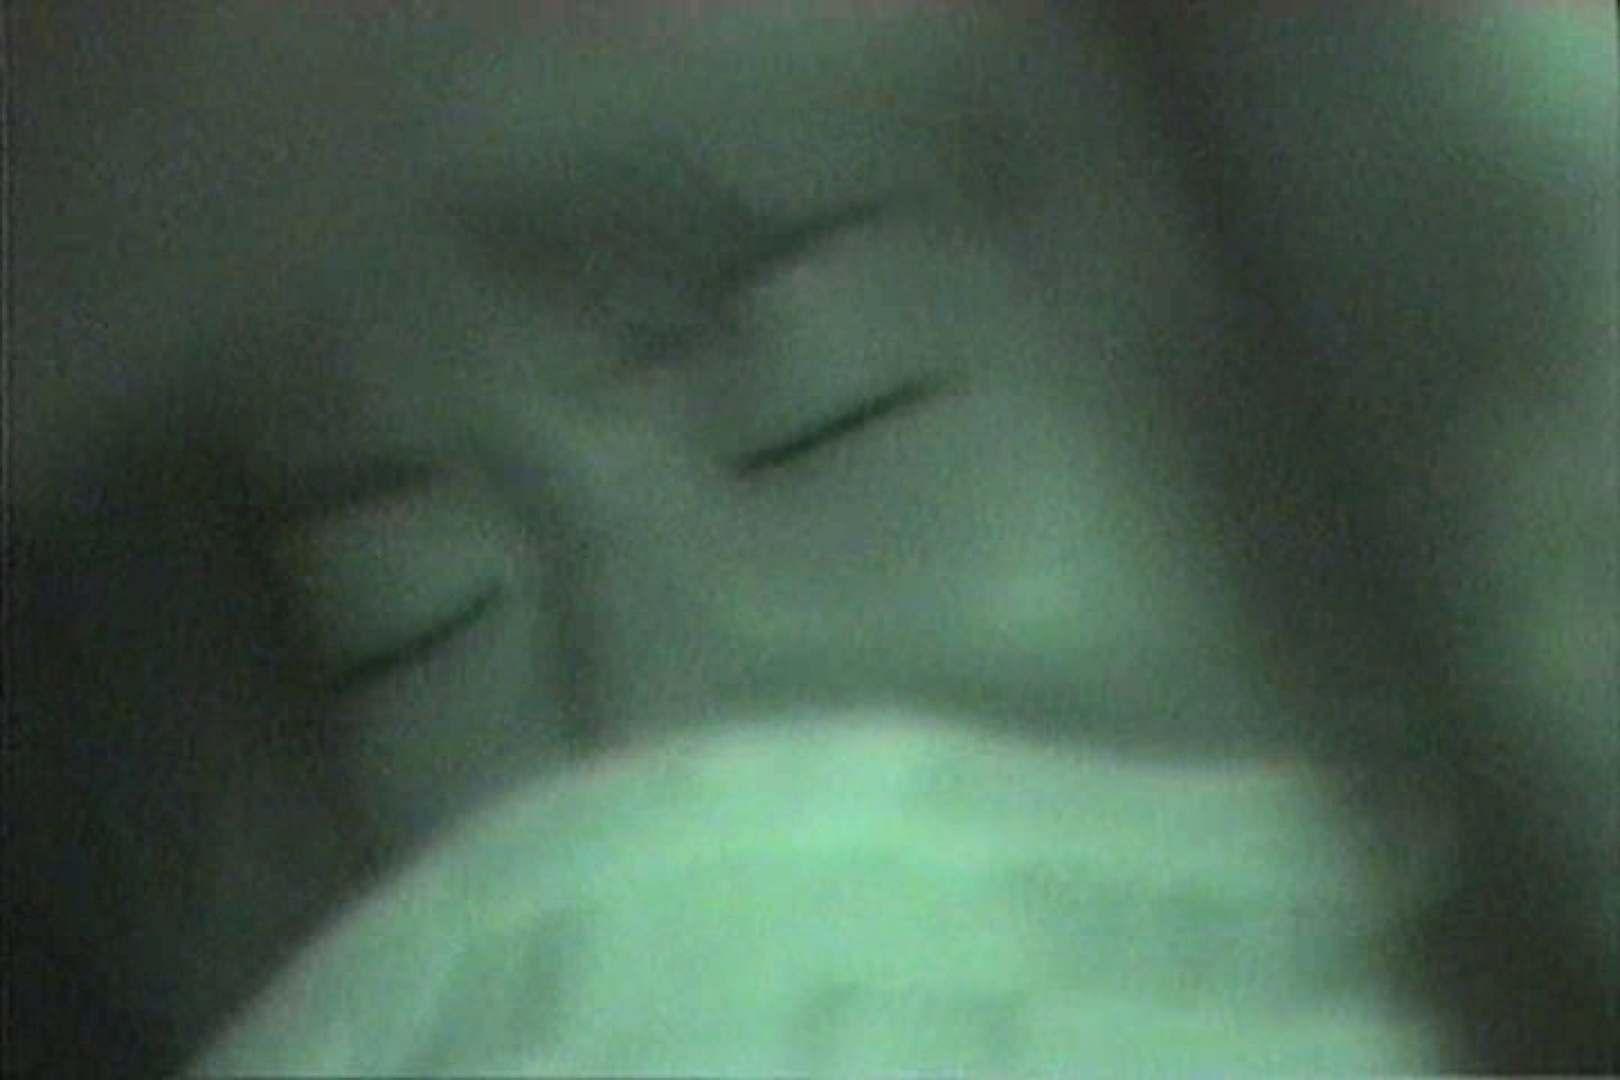 カーセックス未編集・無修正版 Vol.11後編 カーセックス | セックス  36pic 25